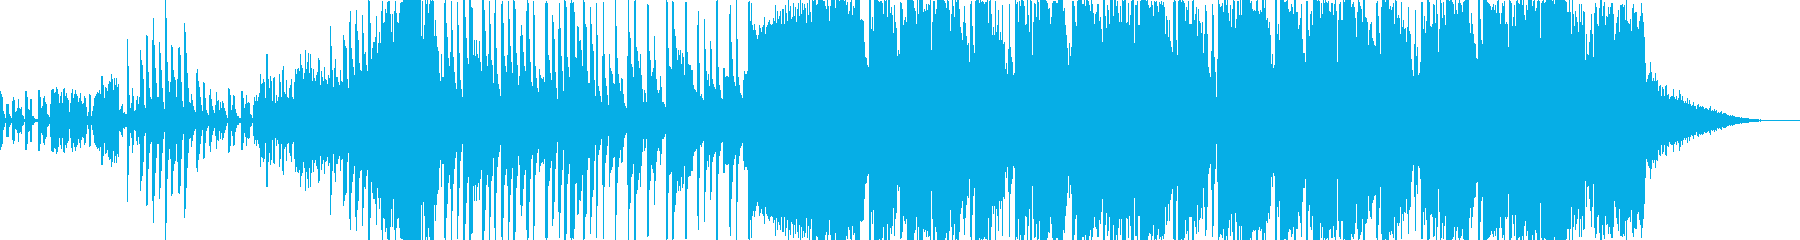 テレビゲーム 技術的な シンセサイ...の再生済みの波形